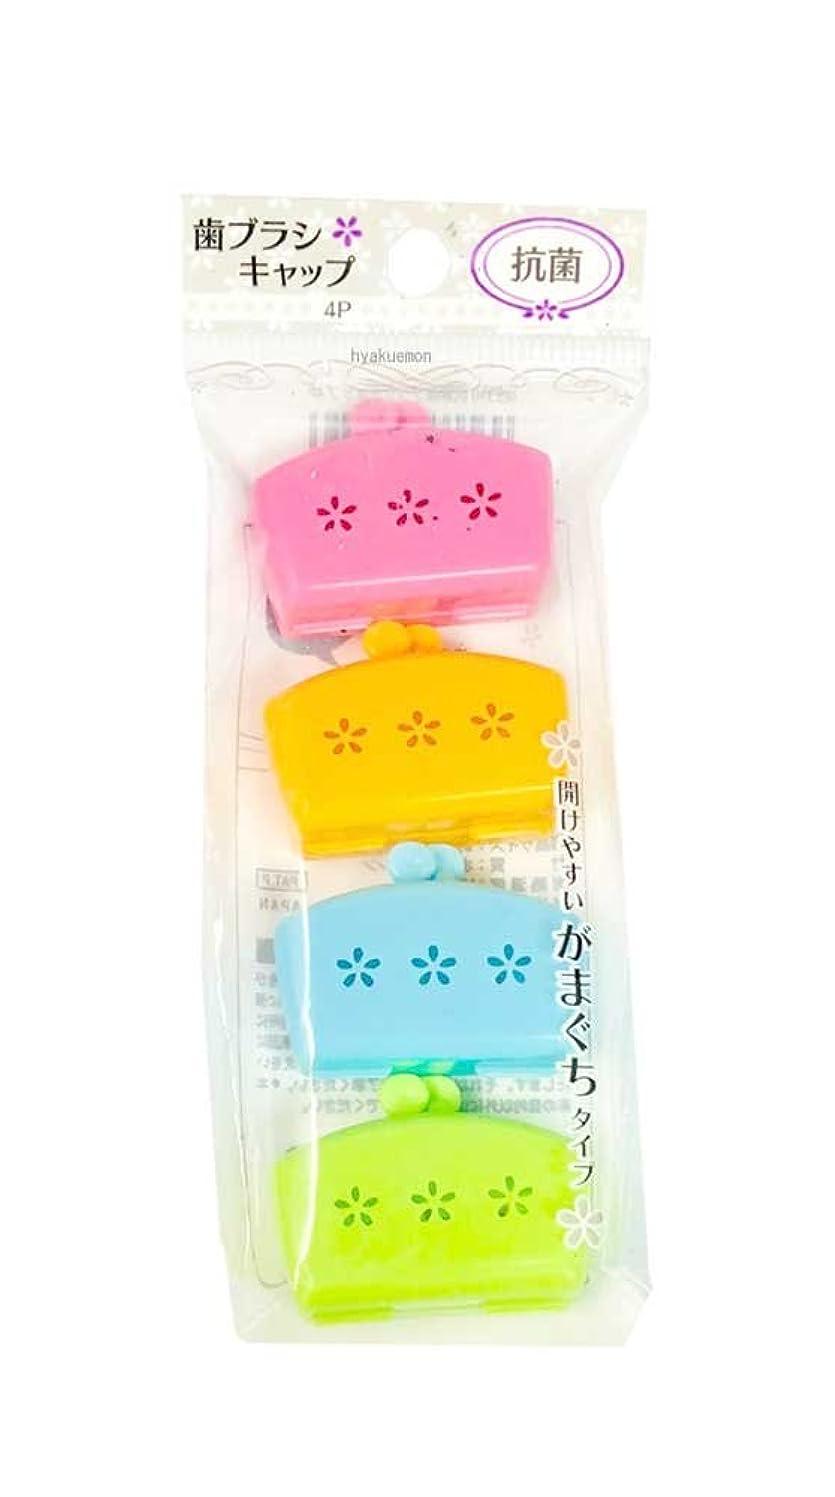 最小積極的に法王抗菌 歯ブラシキャップ4個入 開けやすいガマグチタイプ